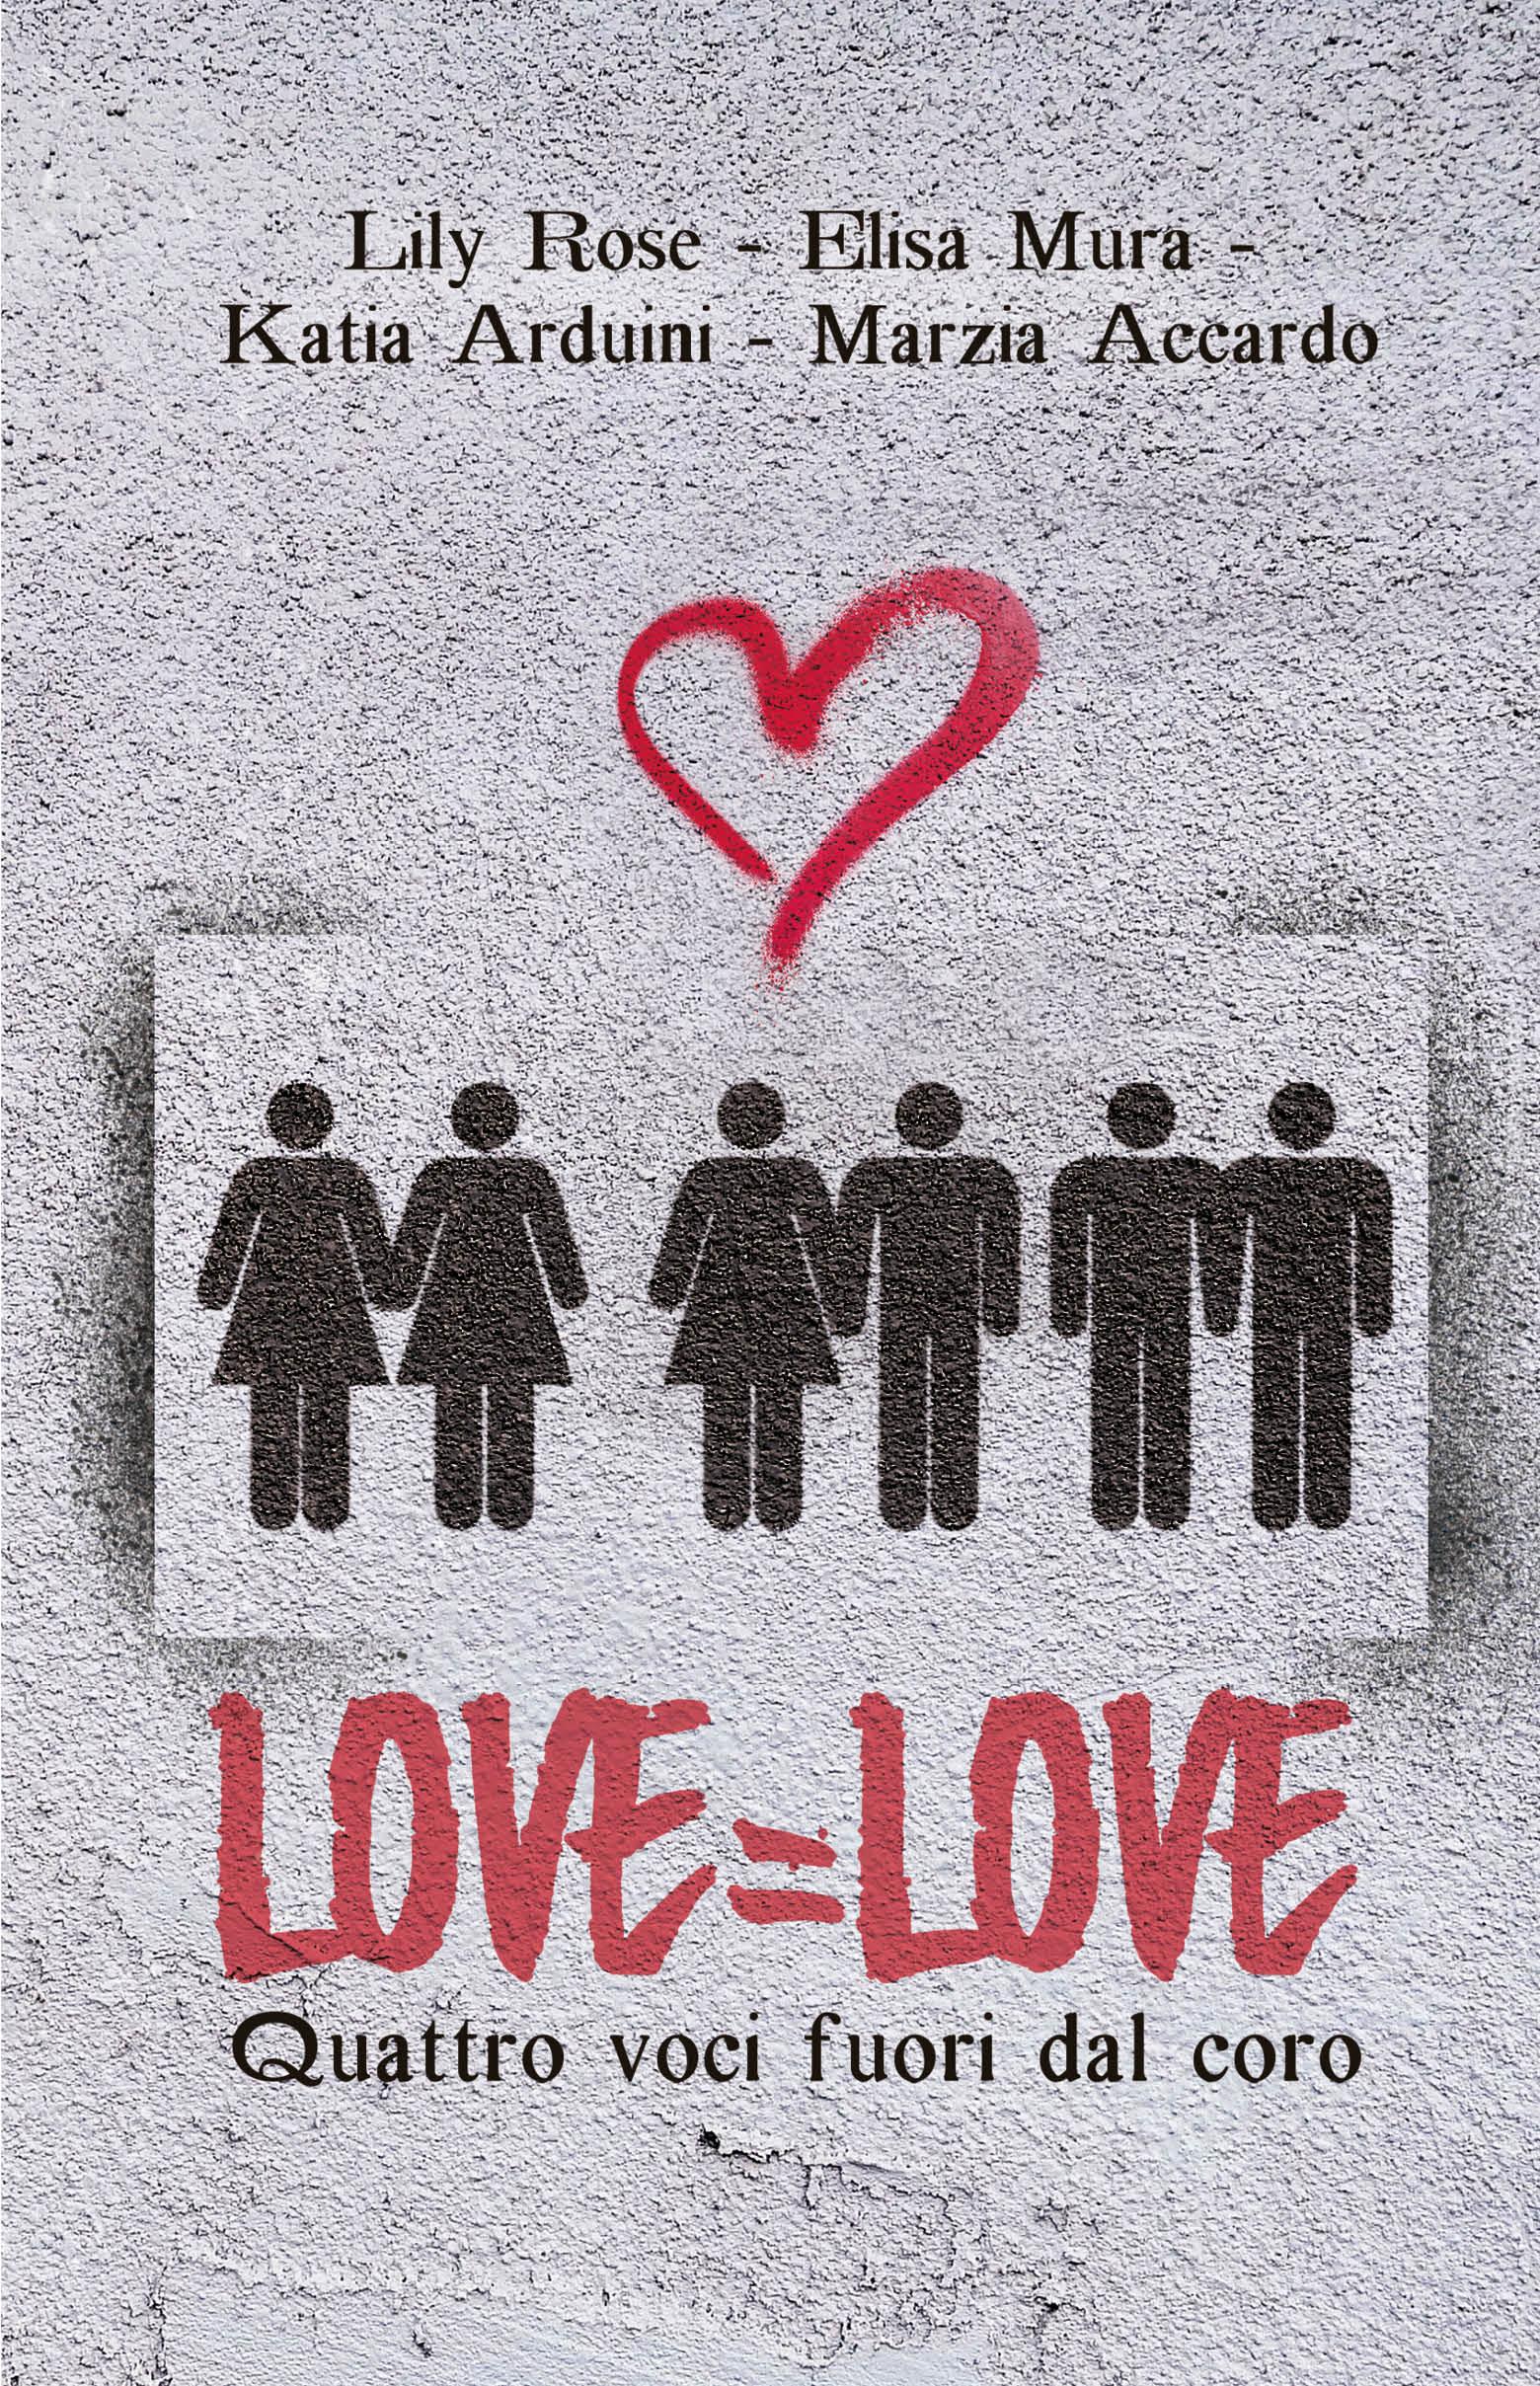 Love=Love